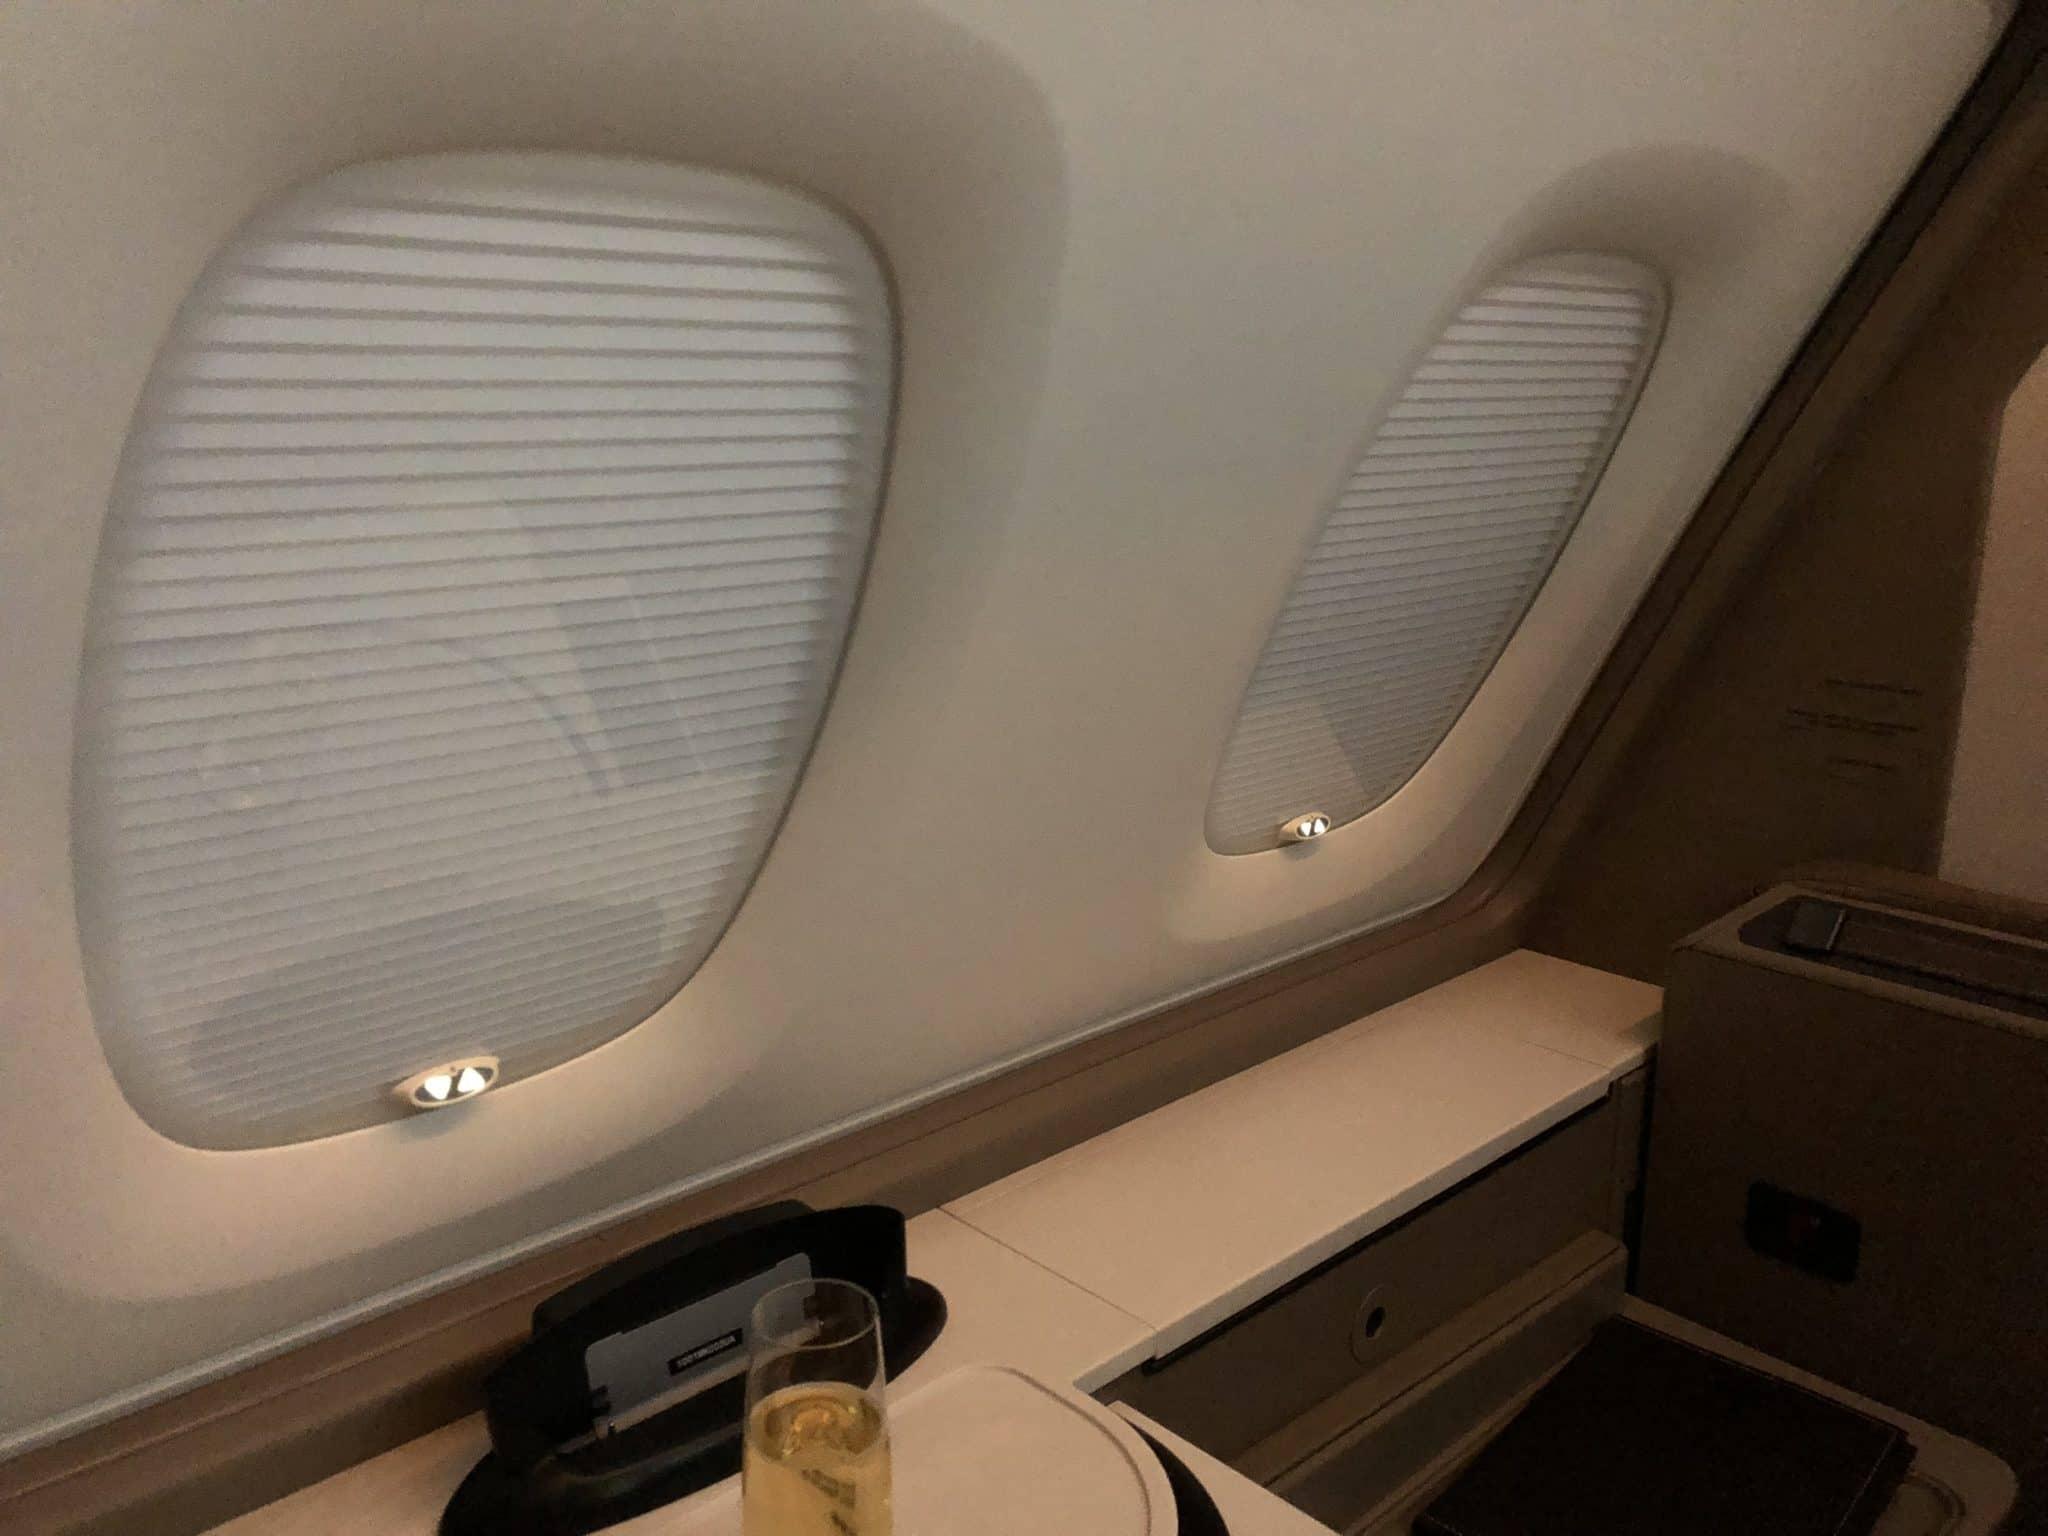 Singapore Airlines neue First Class A380 Fenster komplett verdunkelt